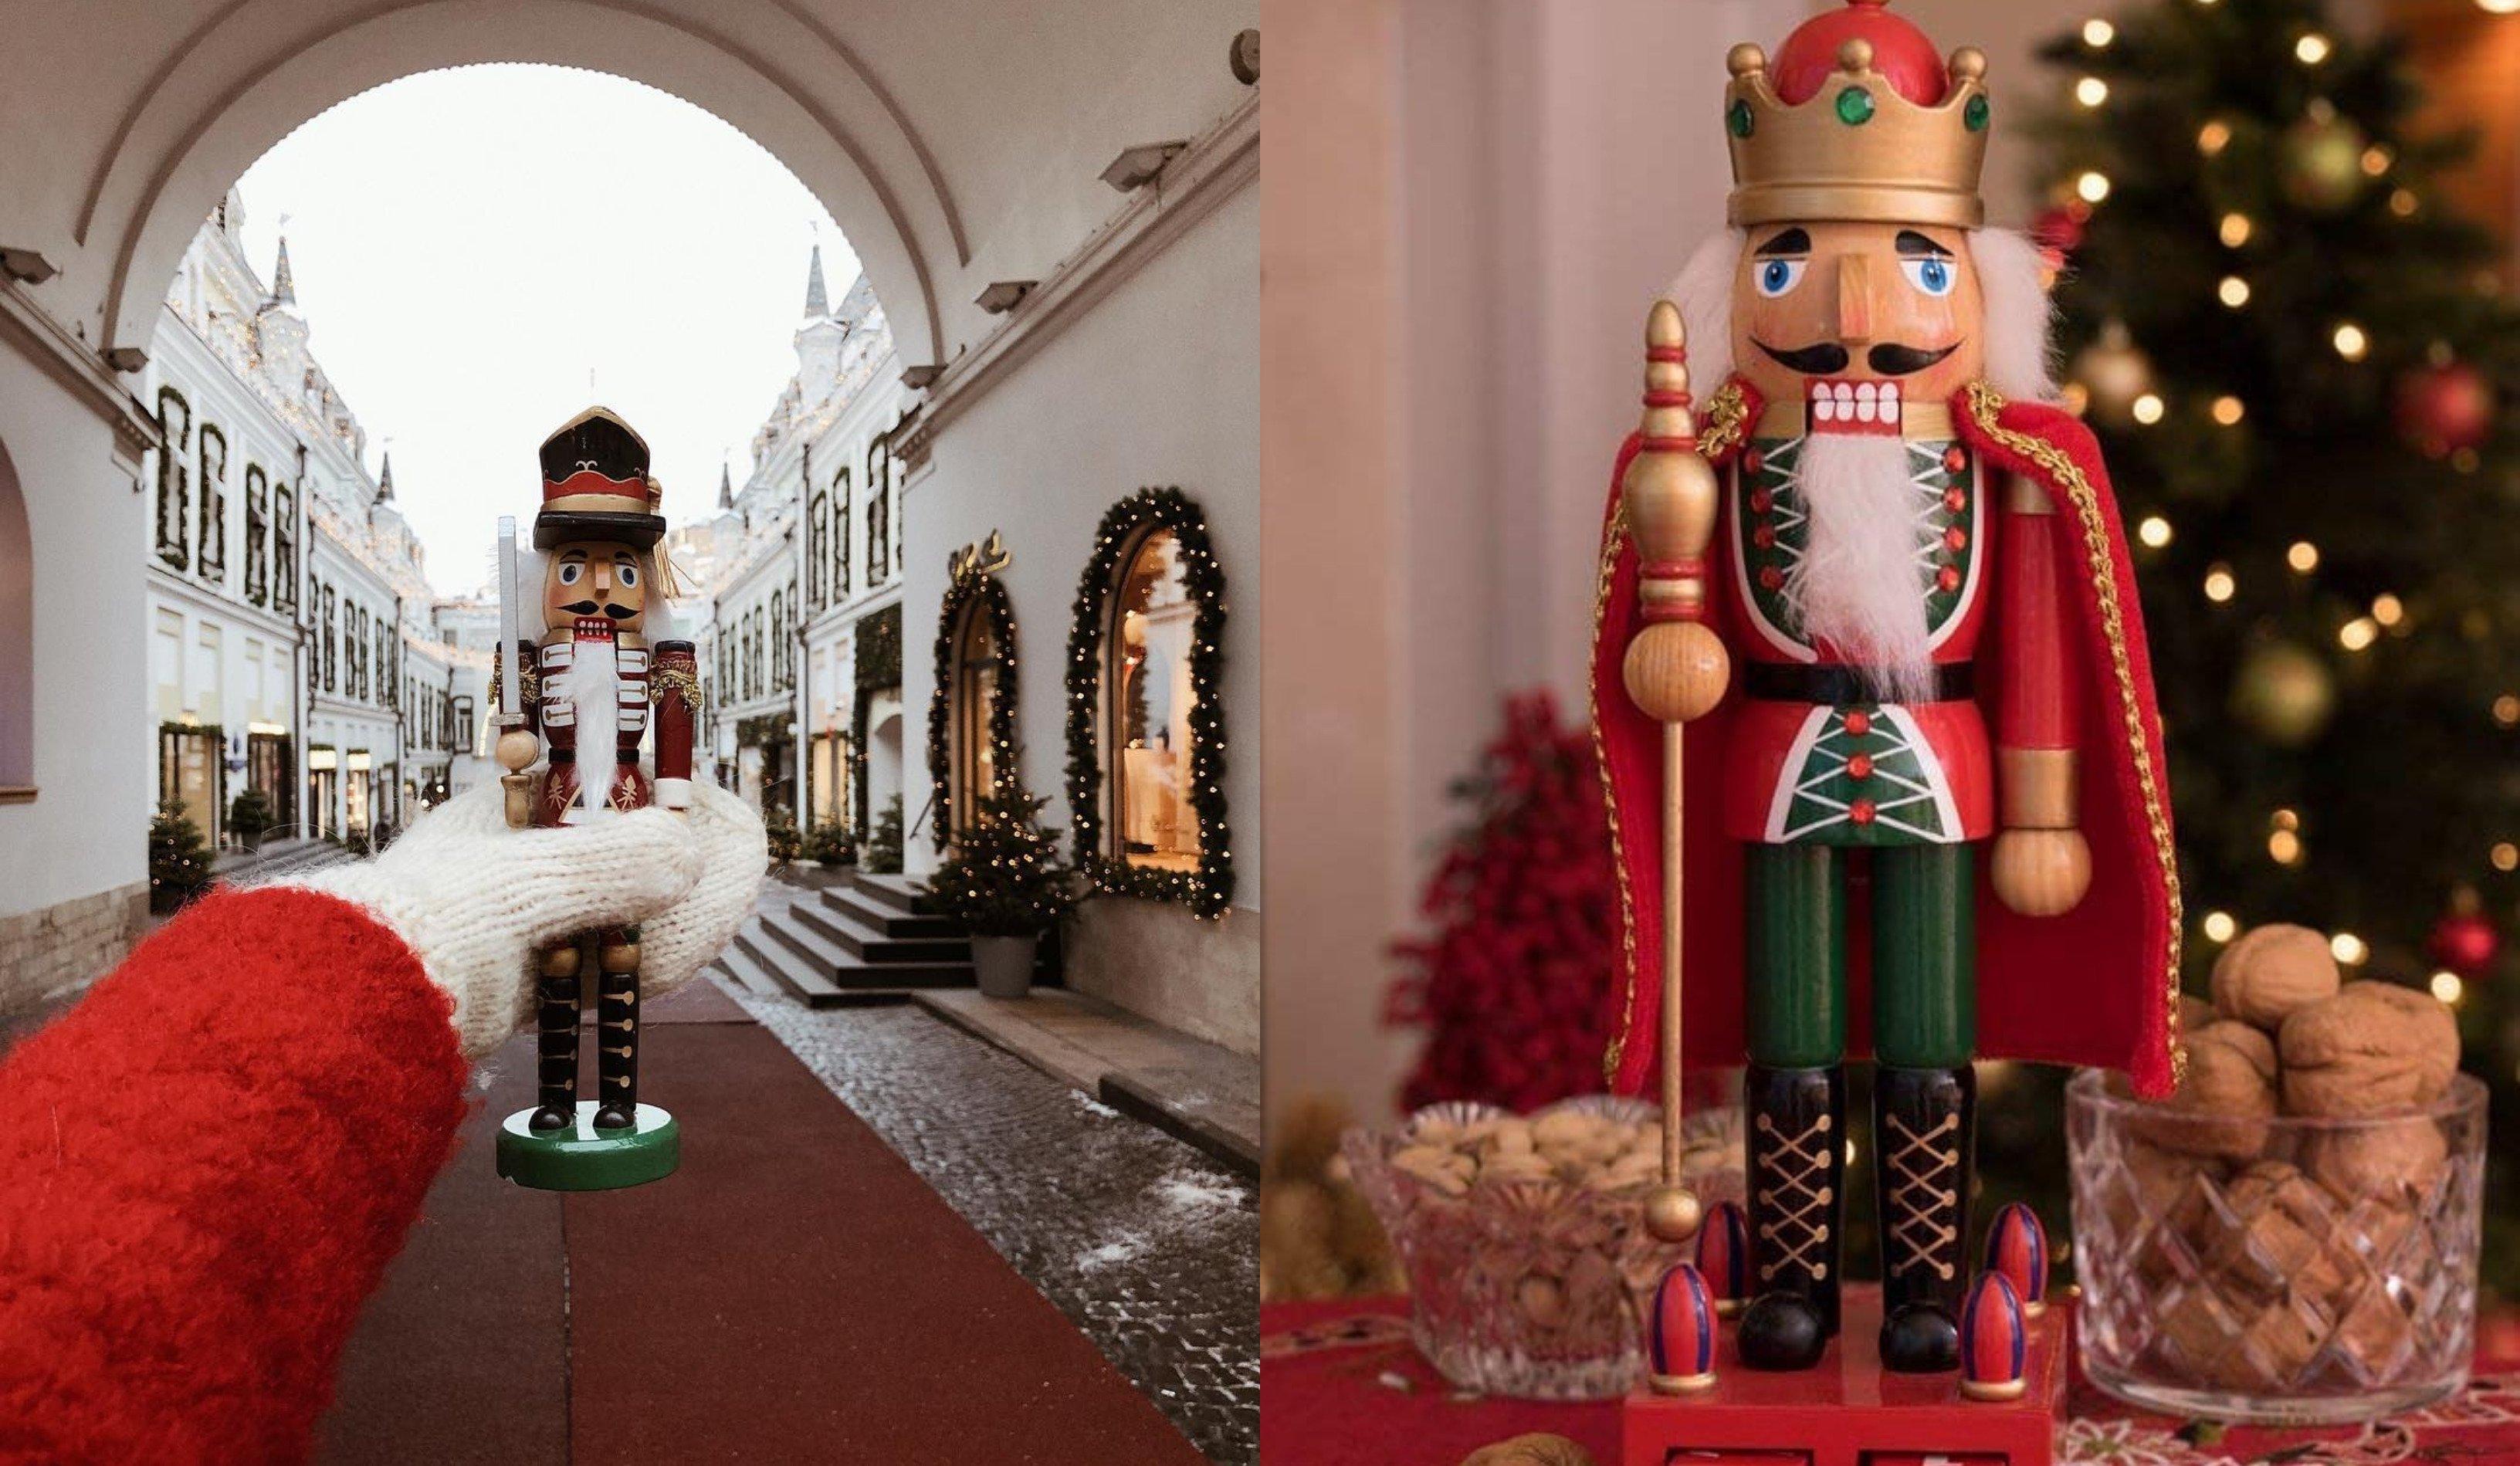 Figura Orašara trenutno je najpoželjniji blagdanski dekor